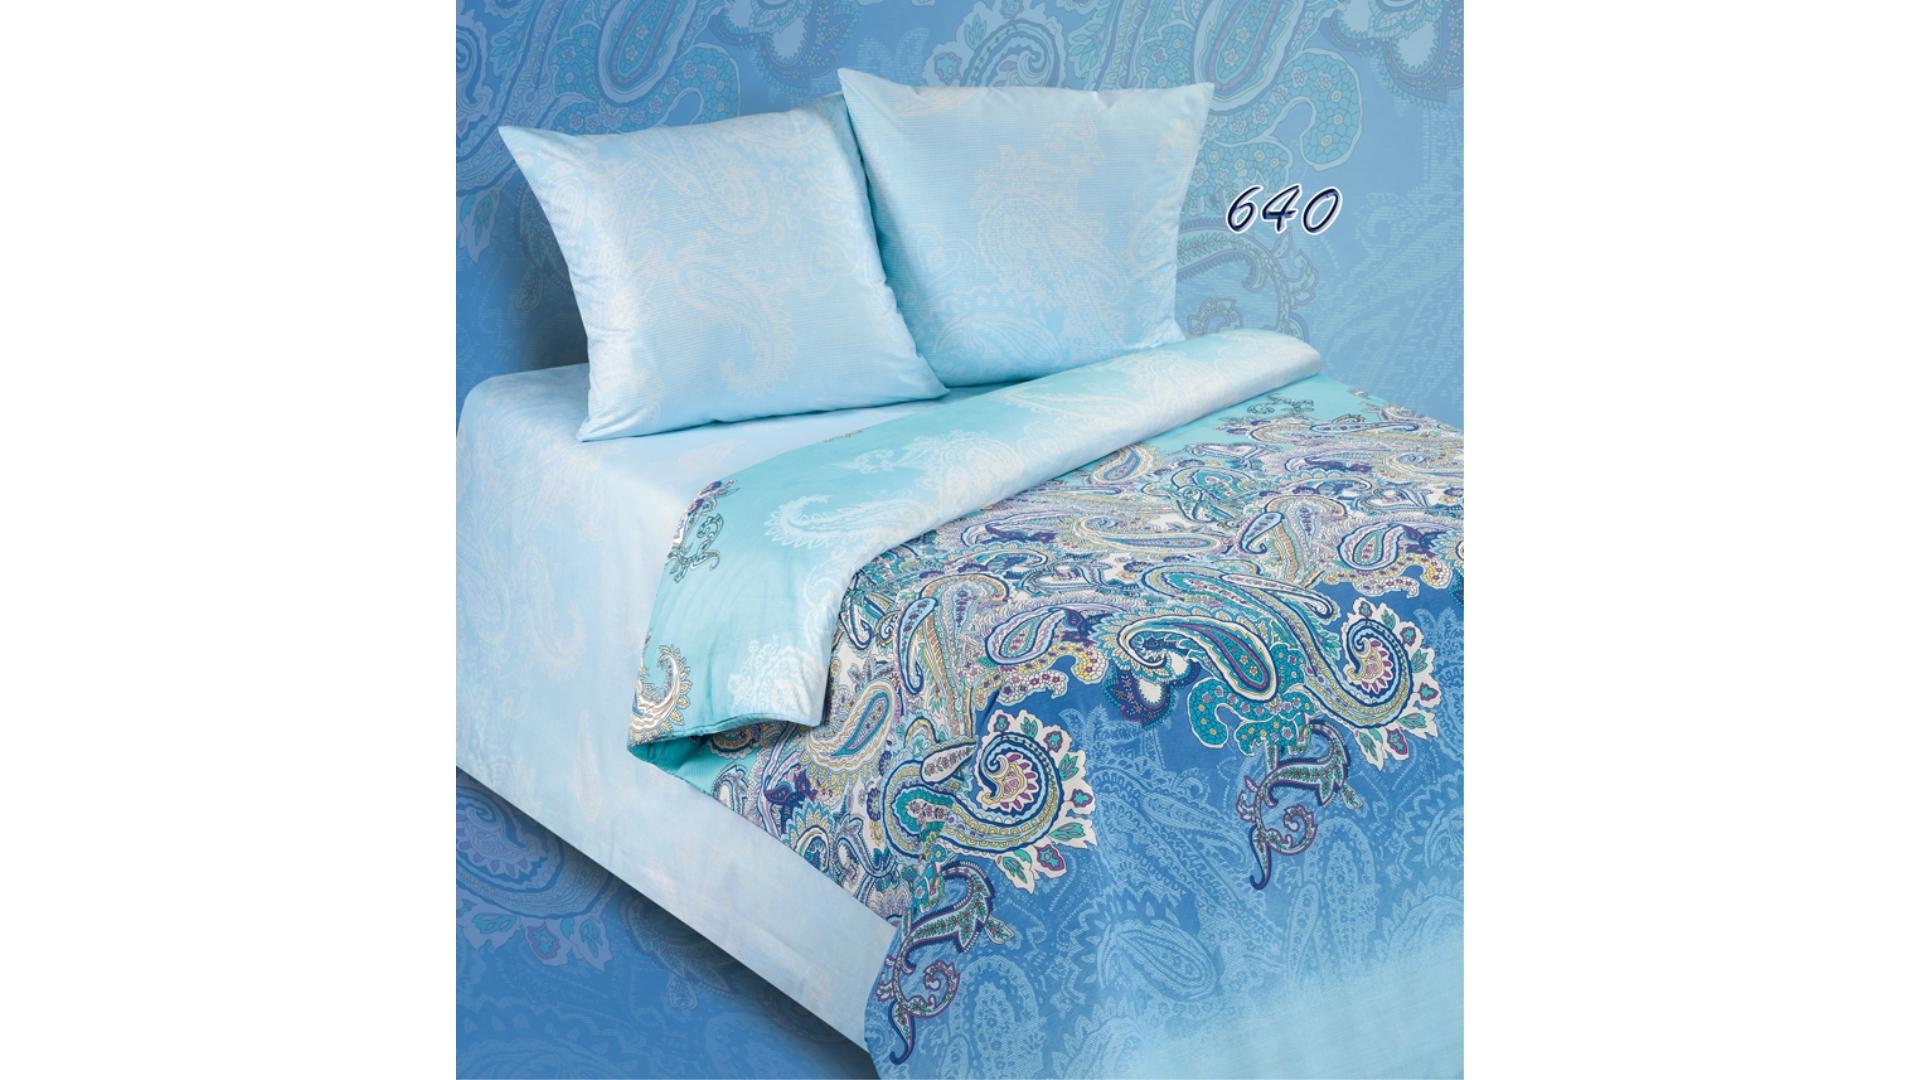 Комплект постельного белья Экзотика (640) фото FullHD (0)